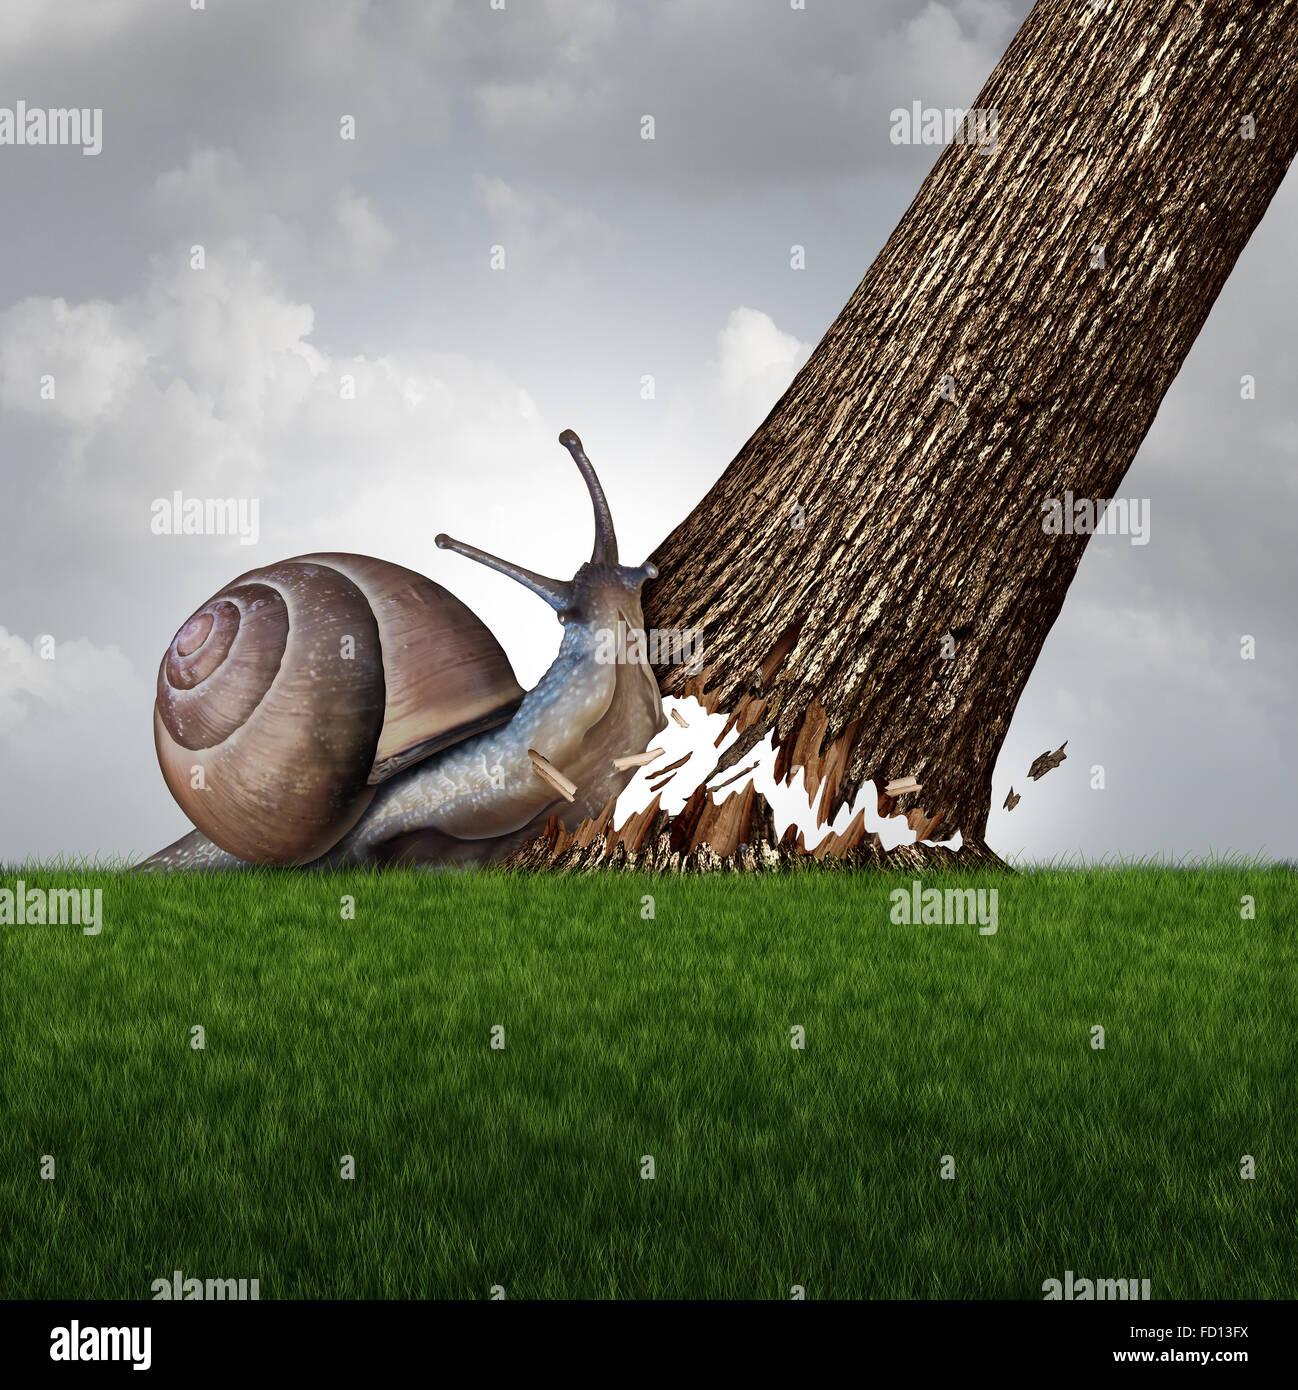 Concepto de fuerza como un caracol empujando hacia abajo un gran tronco de árbol como metáfora de un negocio Imagen De Stock